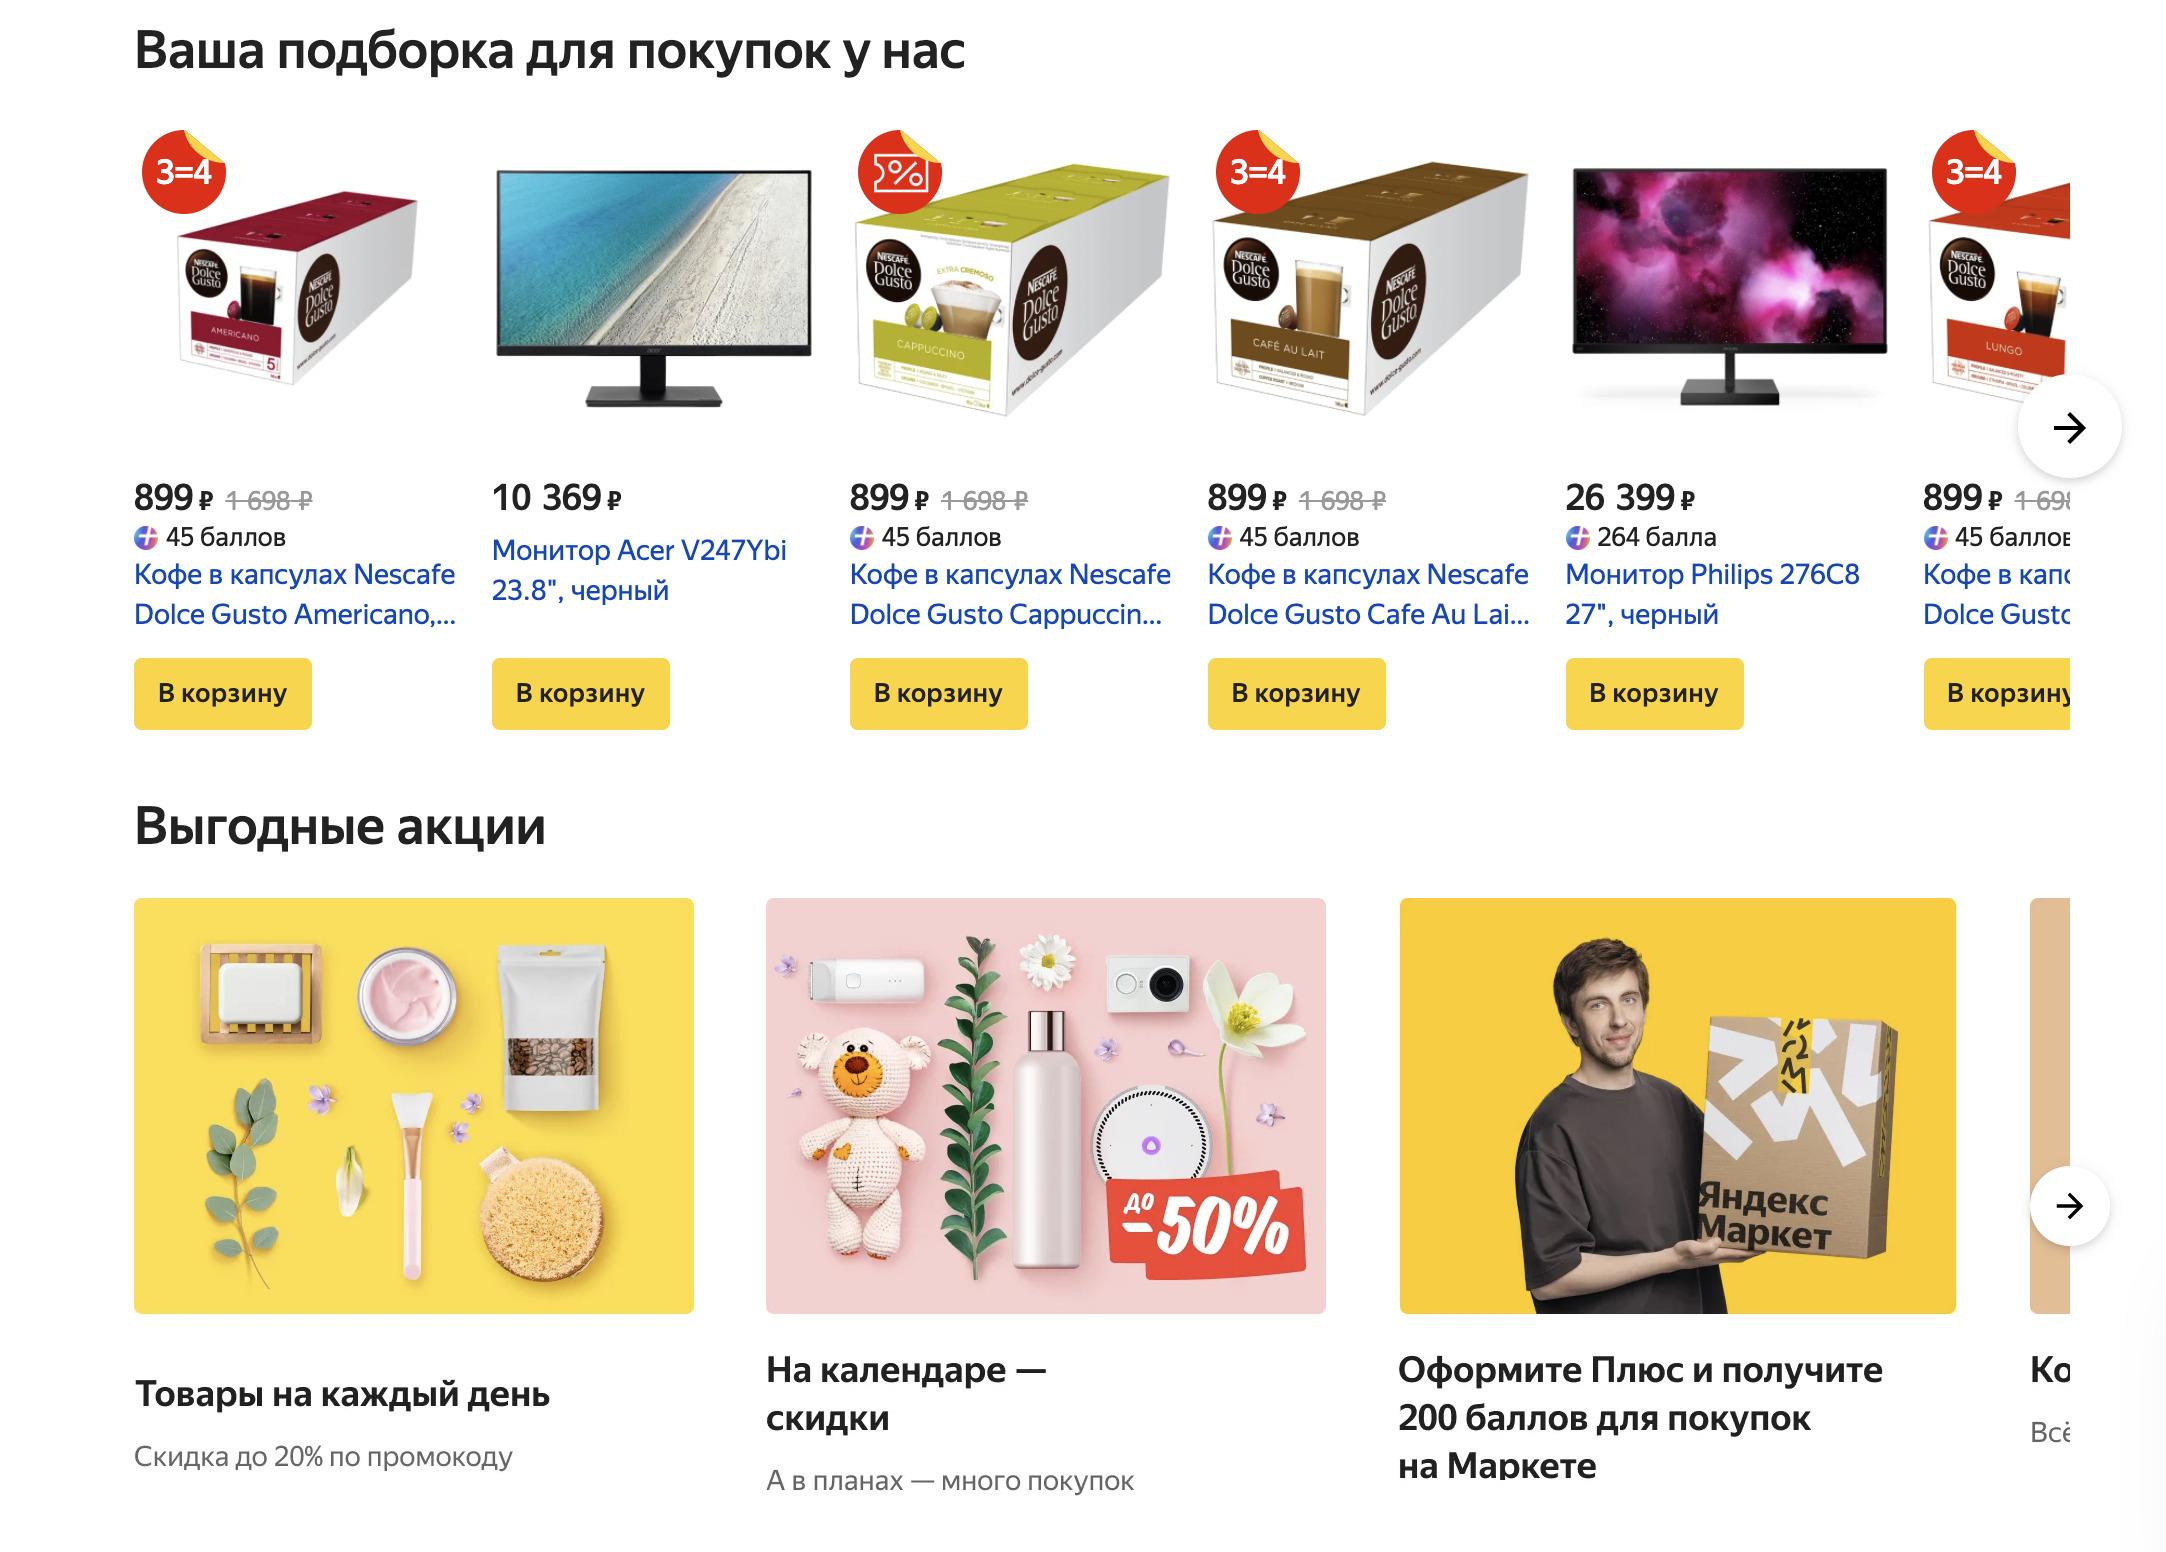 Доставка из Яндекс.Маркет в Златоуст, сроки, пункты выдачи, каталог